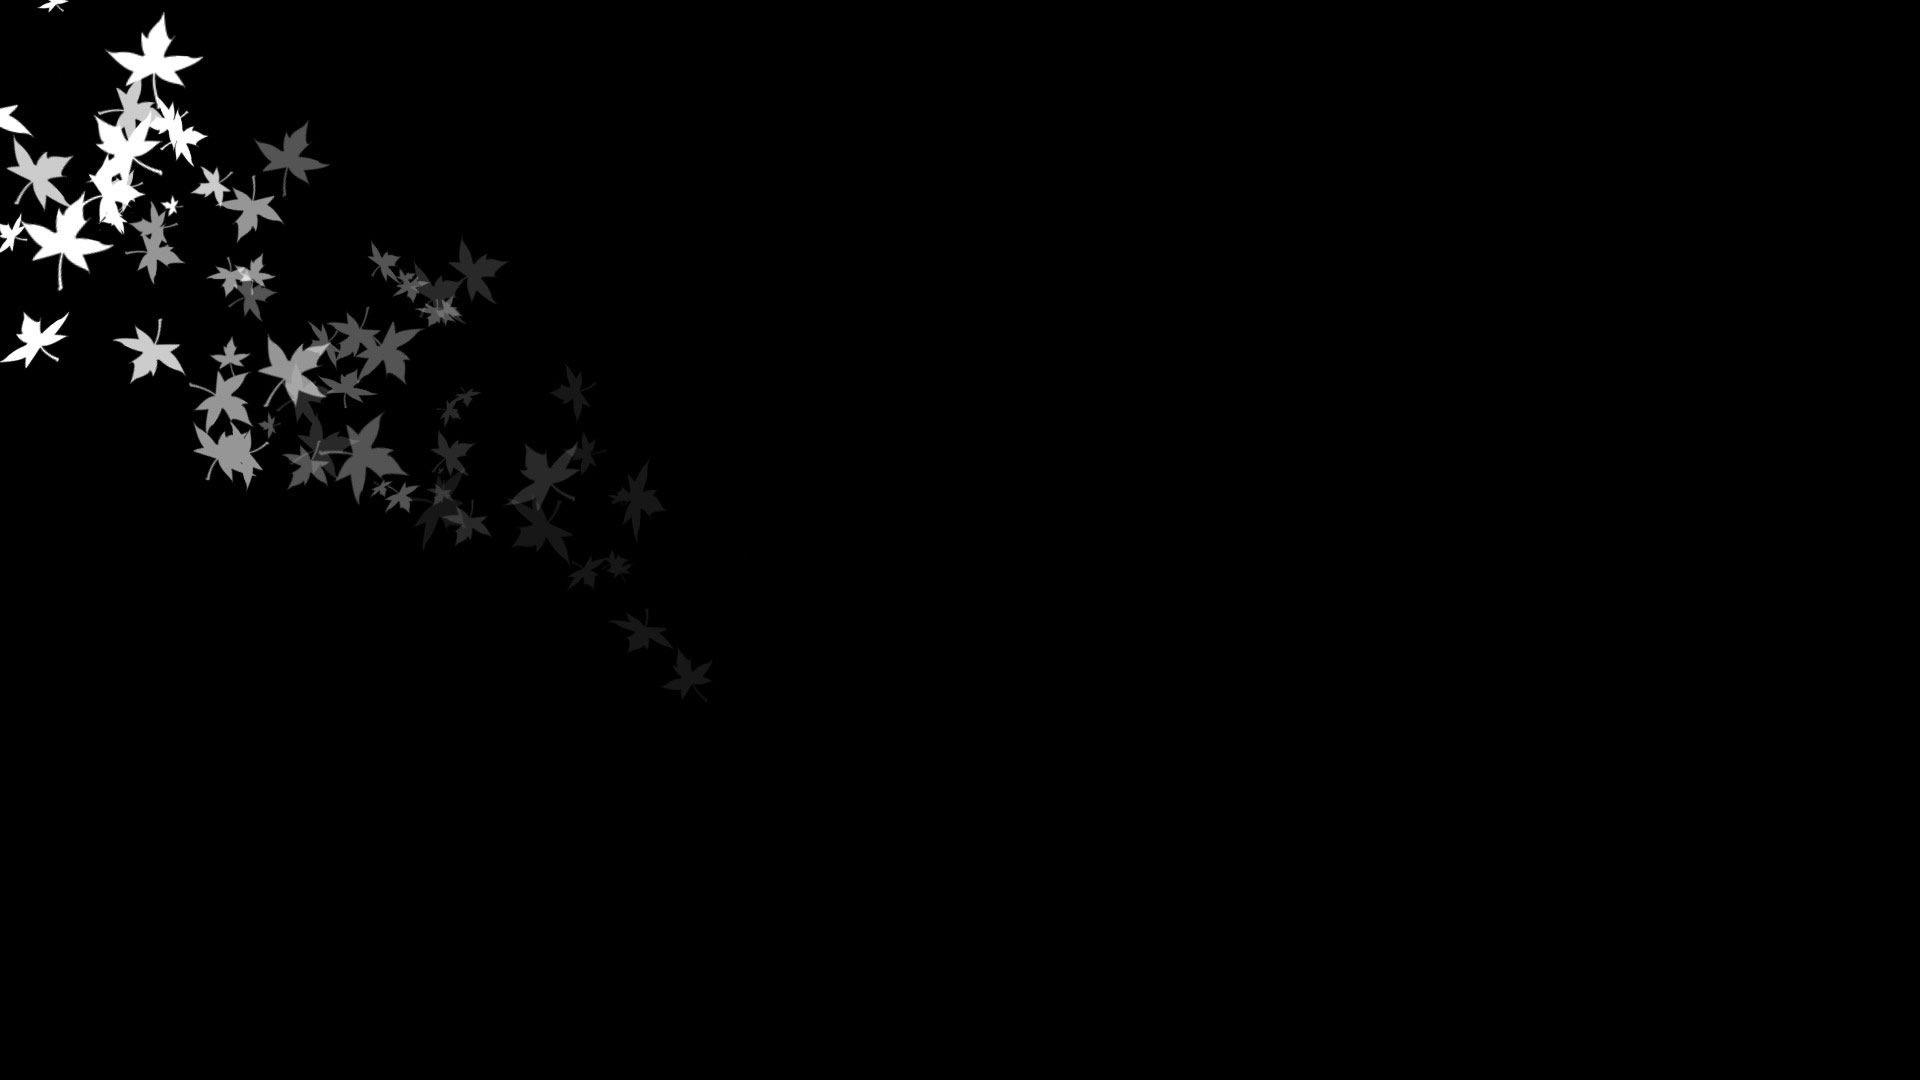 خلفية سوداء سادة اجمد خلفيات سادة سمراء قصة شوق